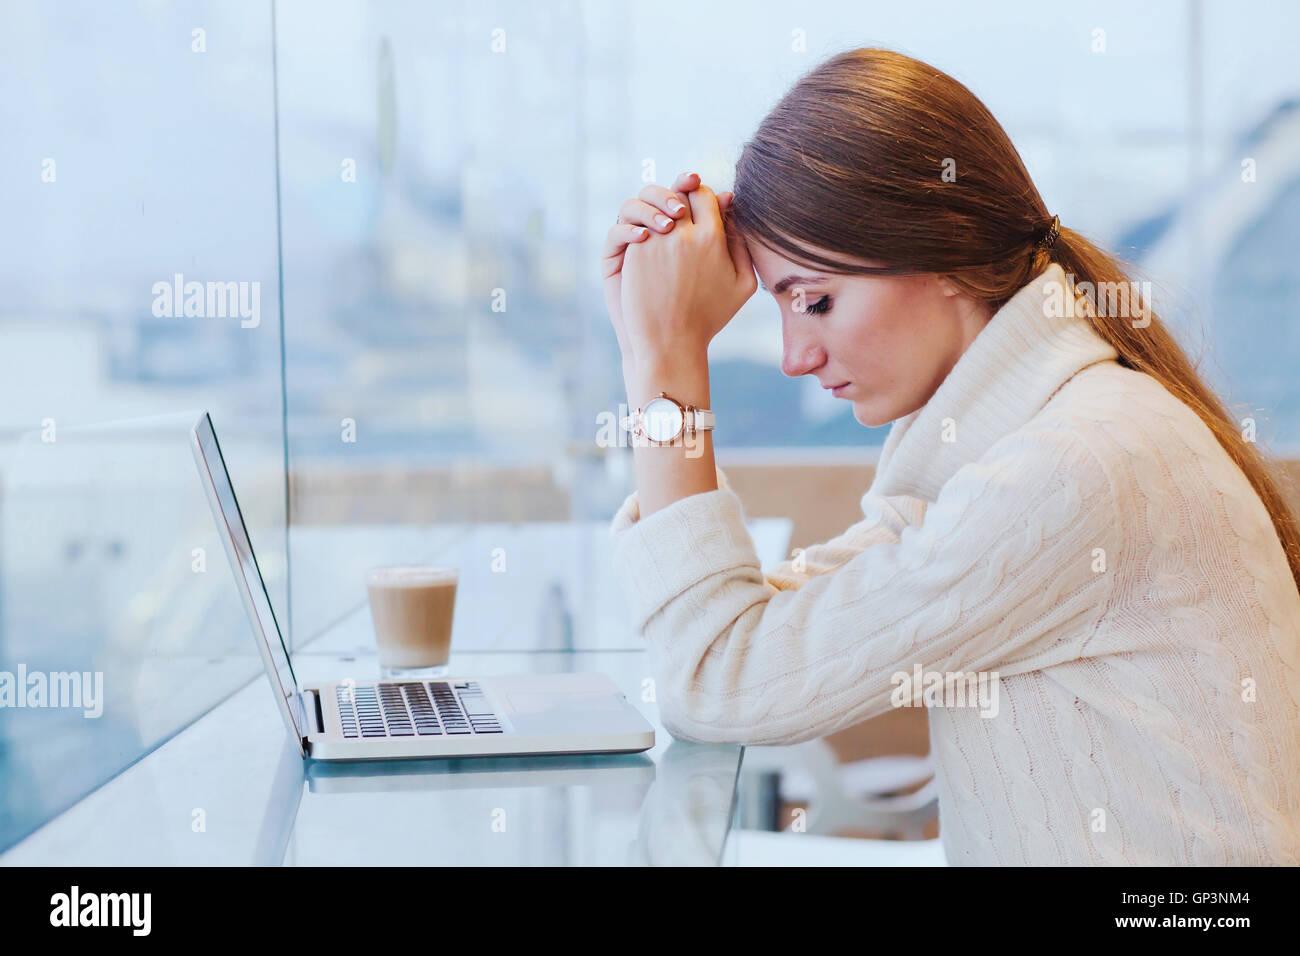 La sobrecarga de información, el concepto de estrés, triste mujer desesperada en la parte delantera del Imagen De Stock